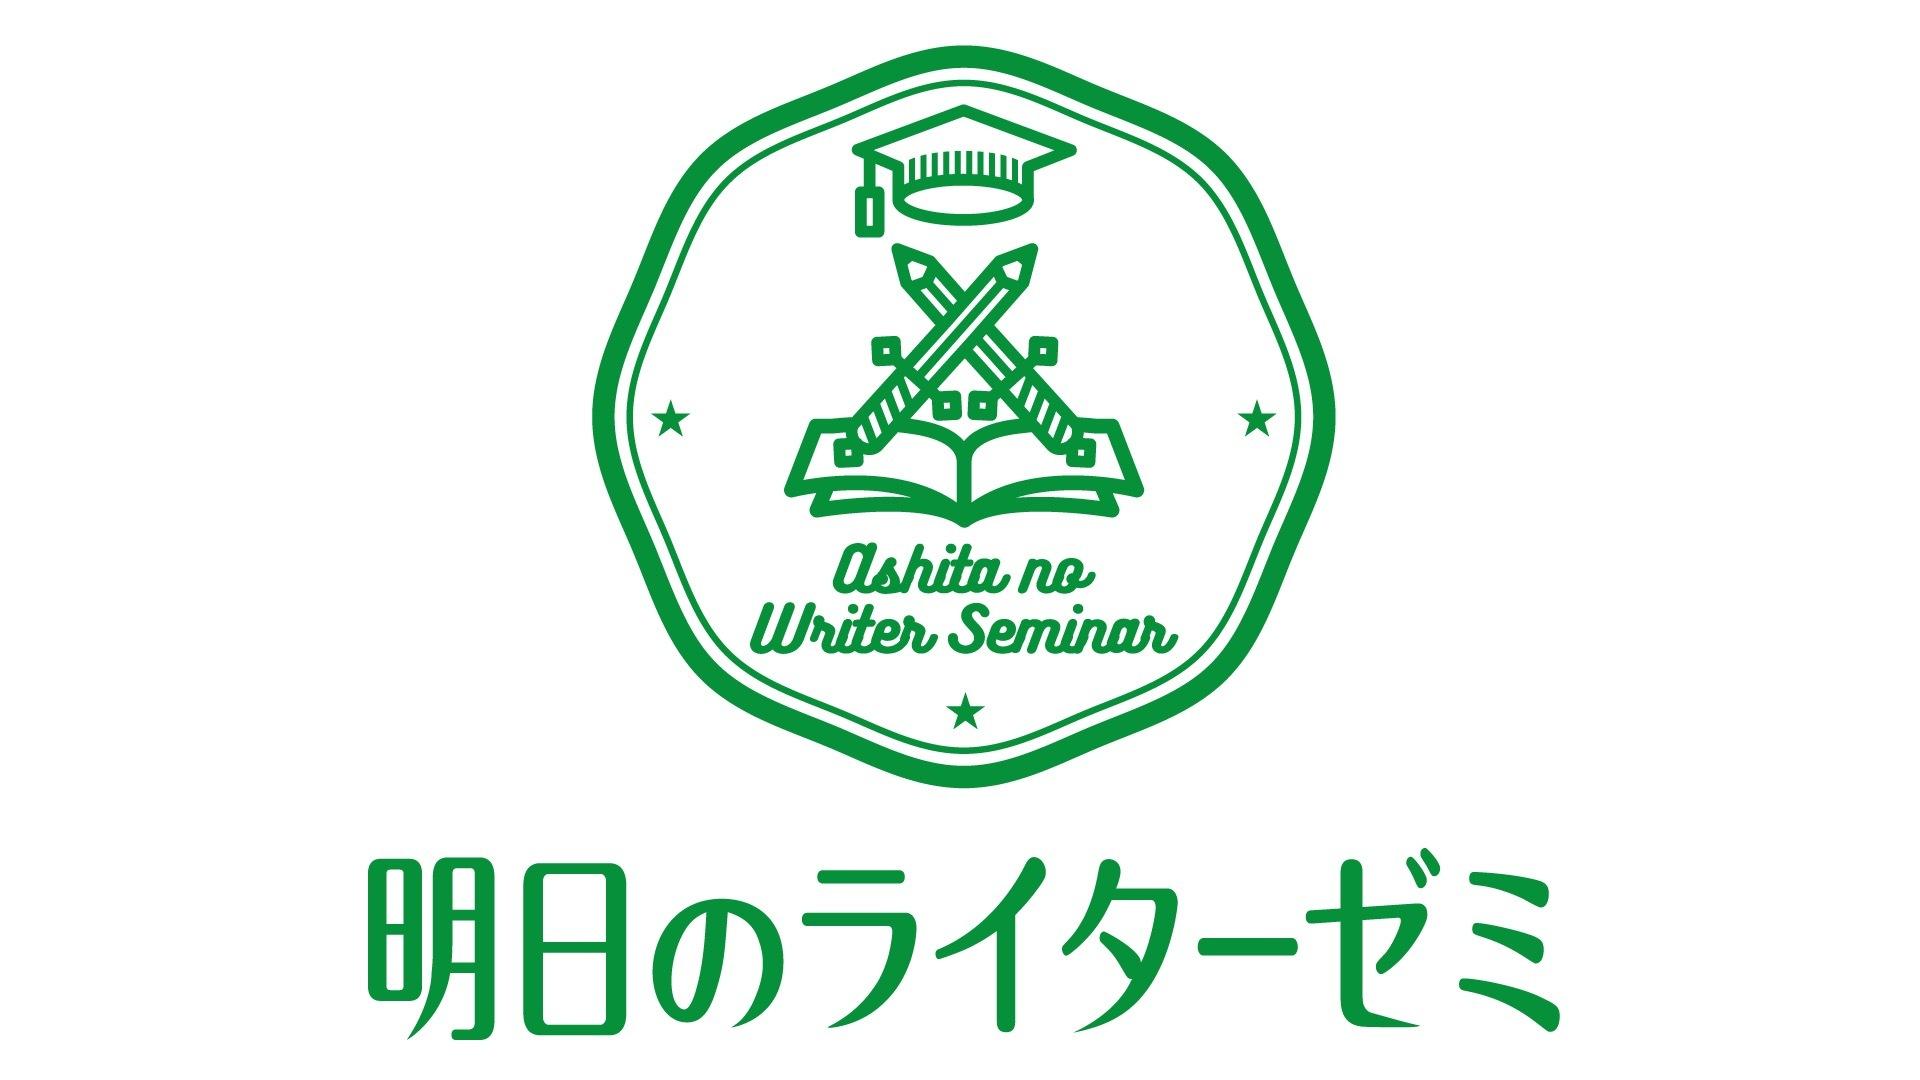 西島知宏 - 明日のライターゼミ【3ヶ月限定サロン】 - DMM オンラインサロン